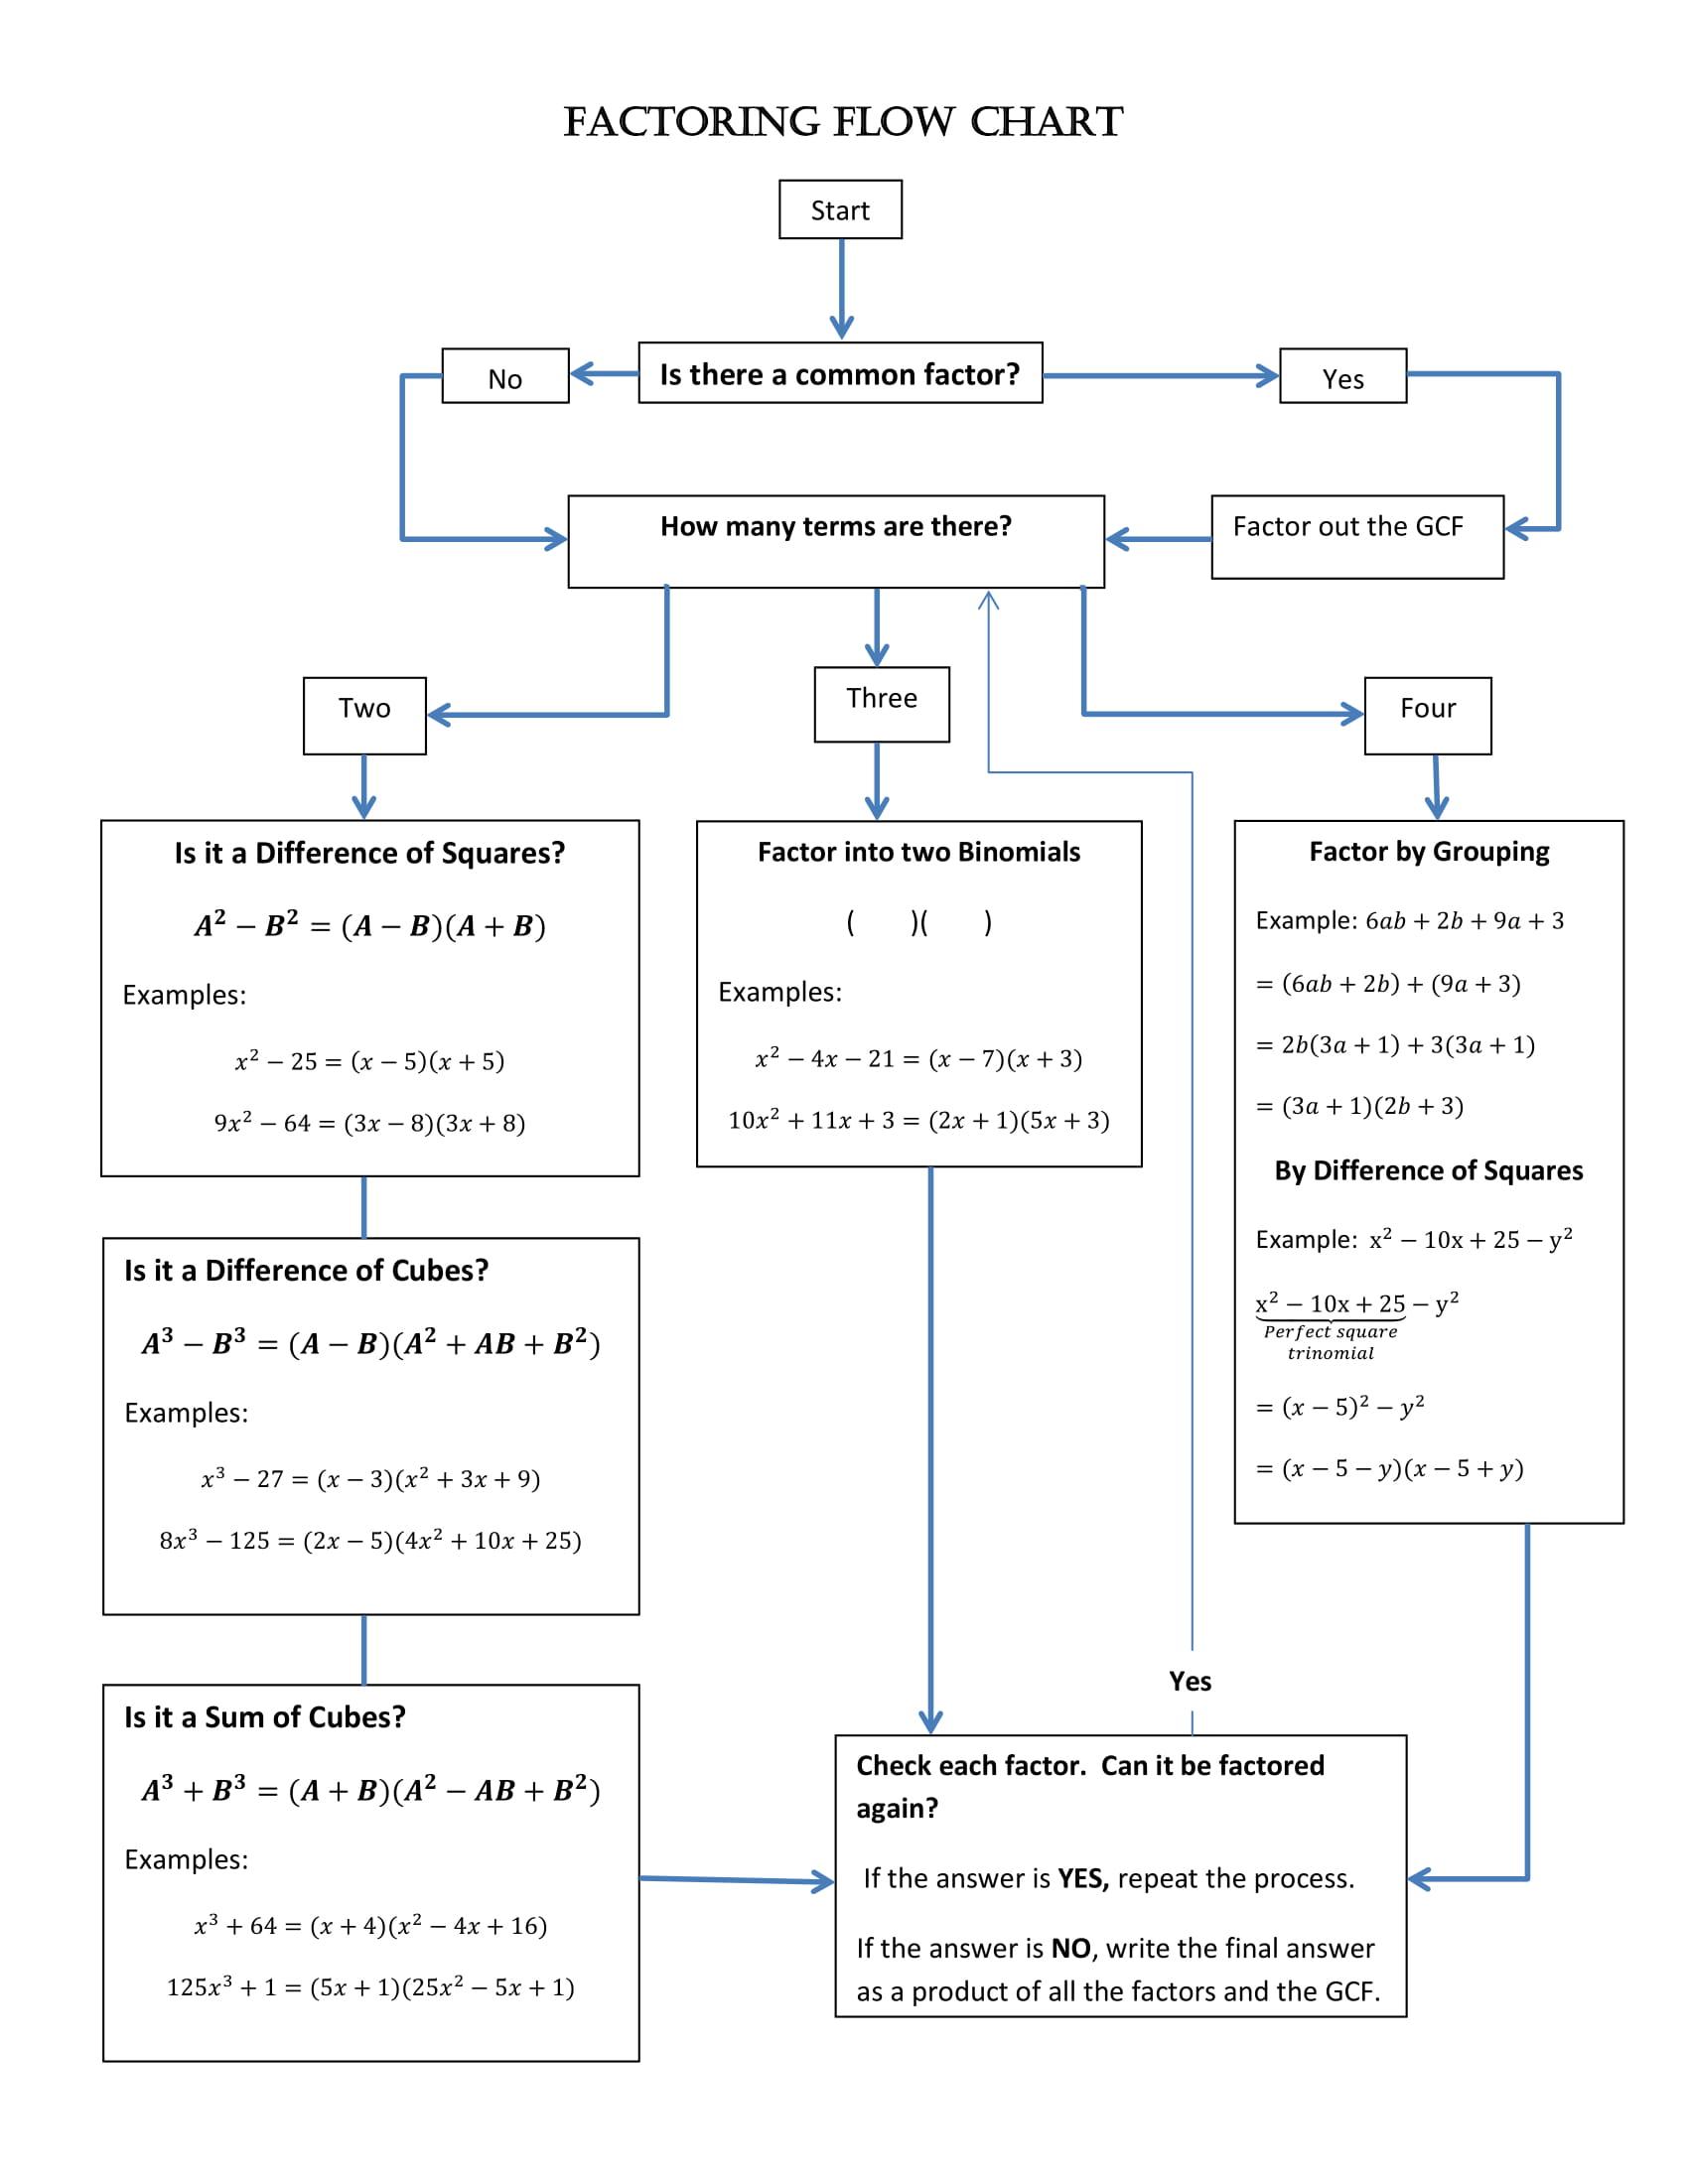 Process Flow Chart Worksheet